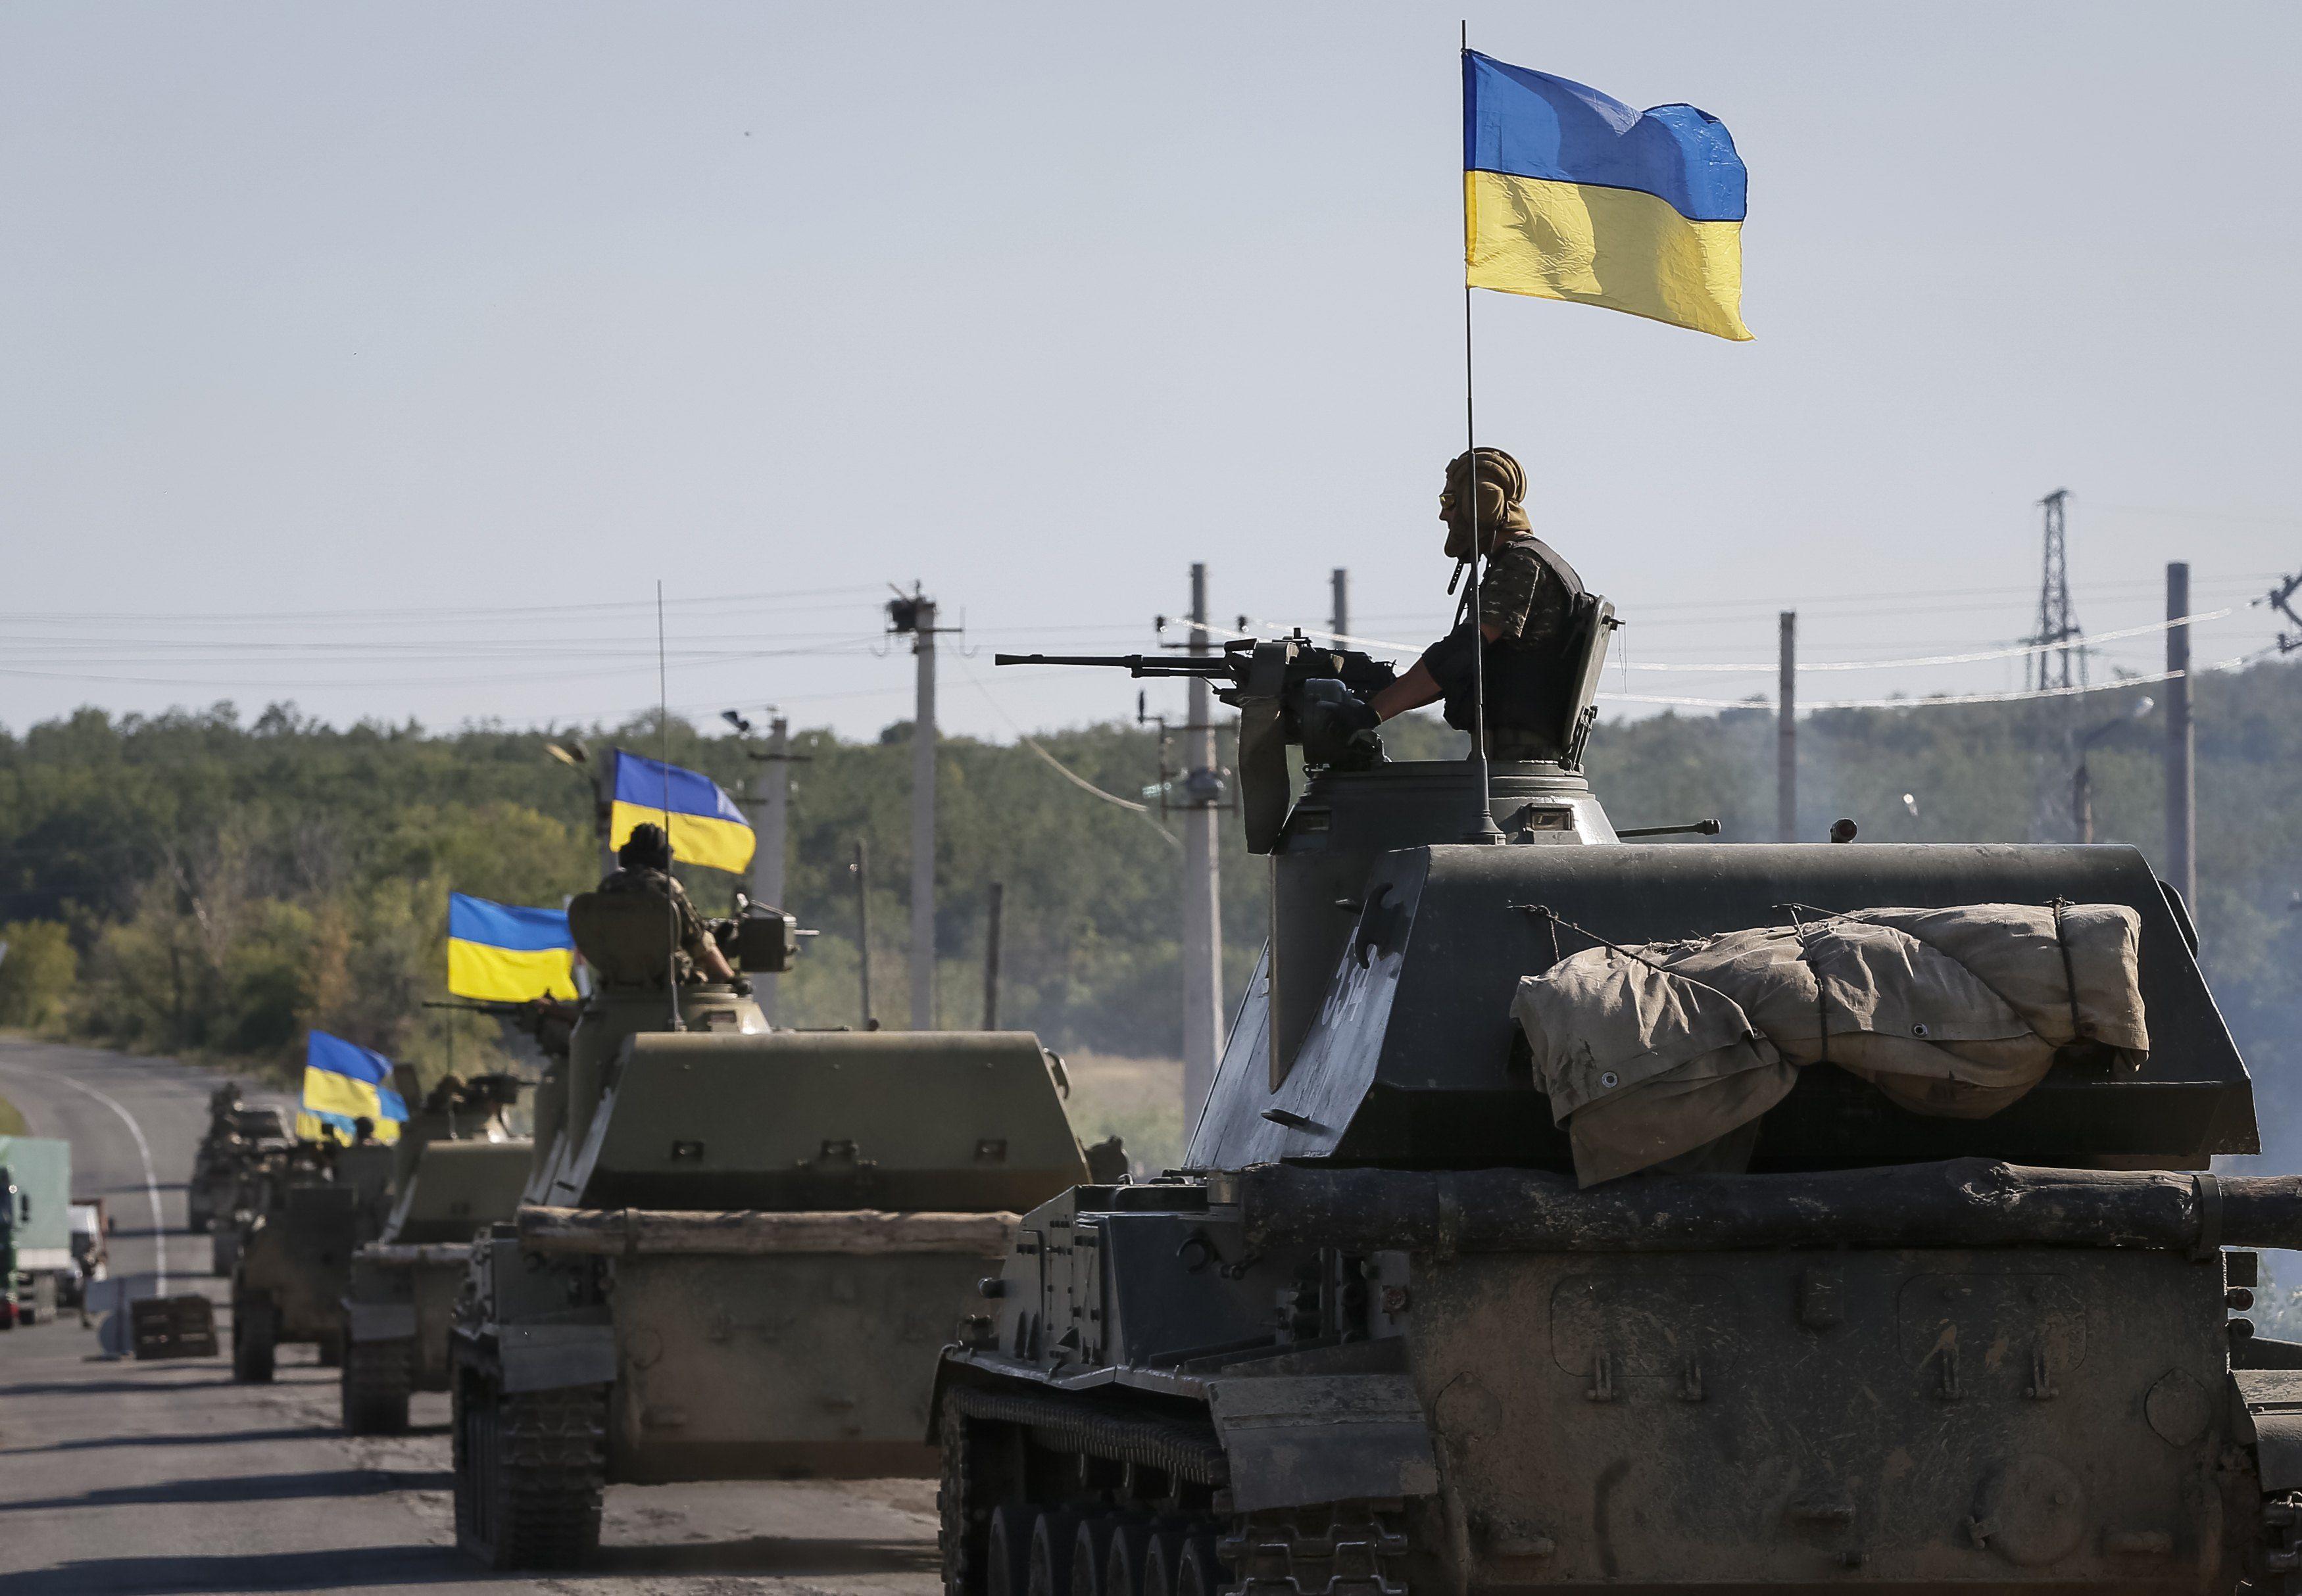 Разведение сил на Донбассе — Украинские военные покинули позицию у Станицы Луганской в рамках процесса разведения сил